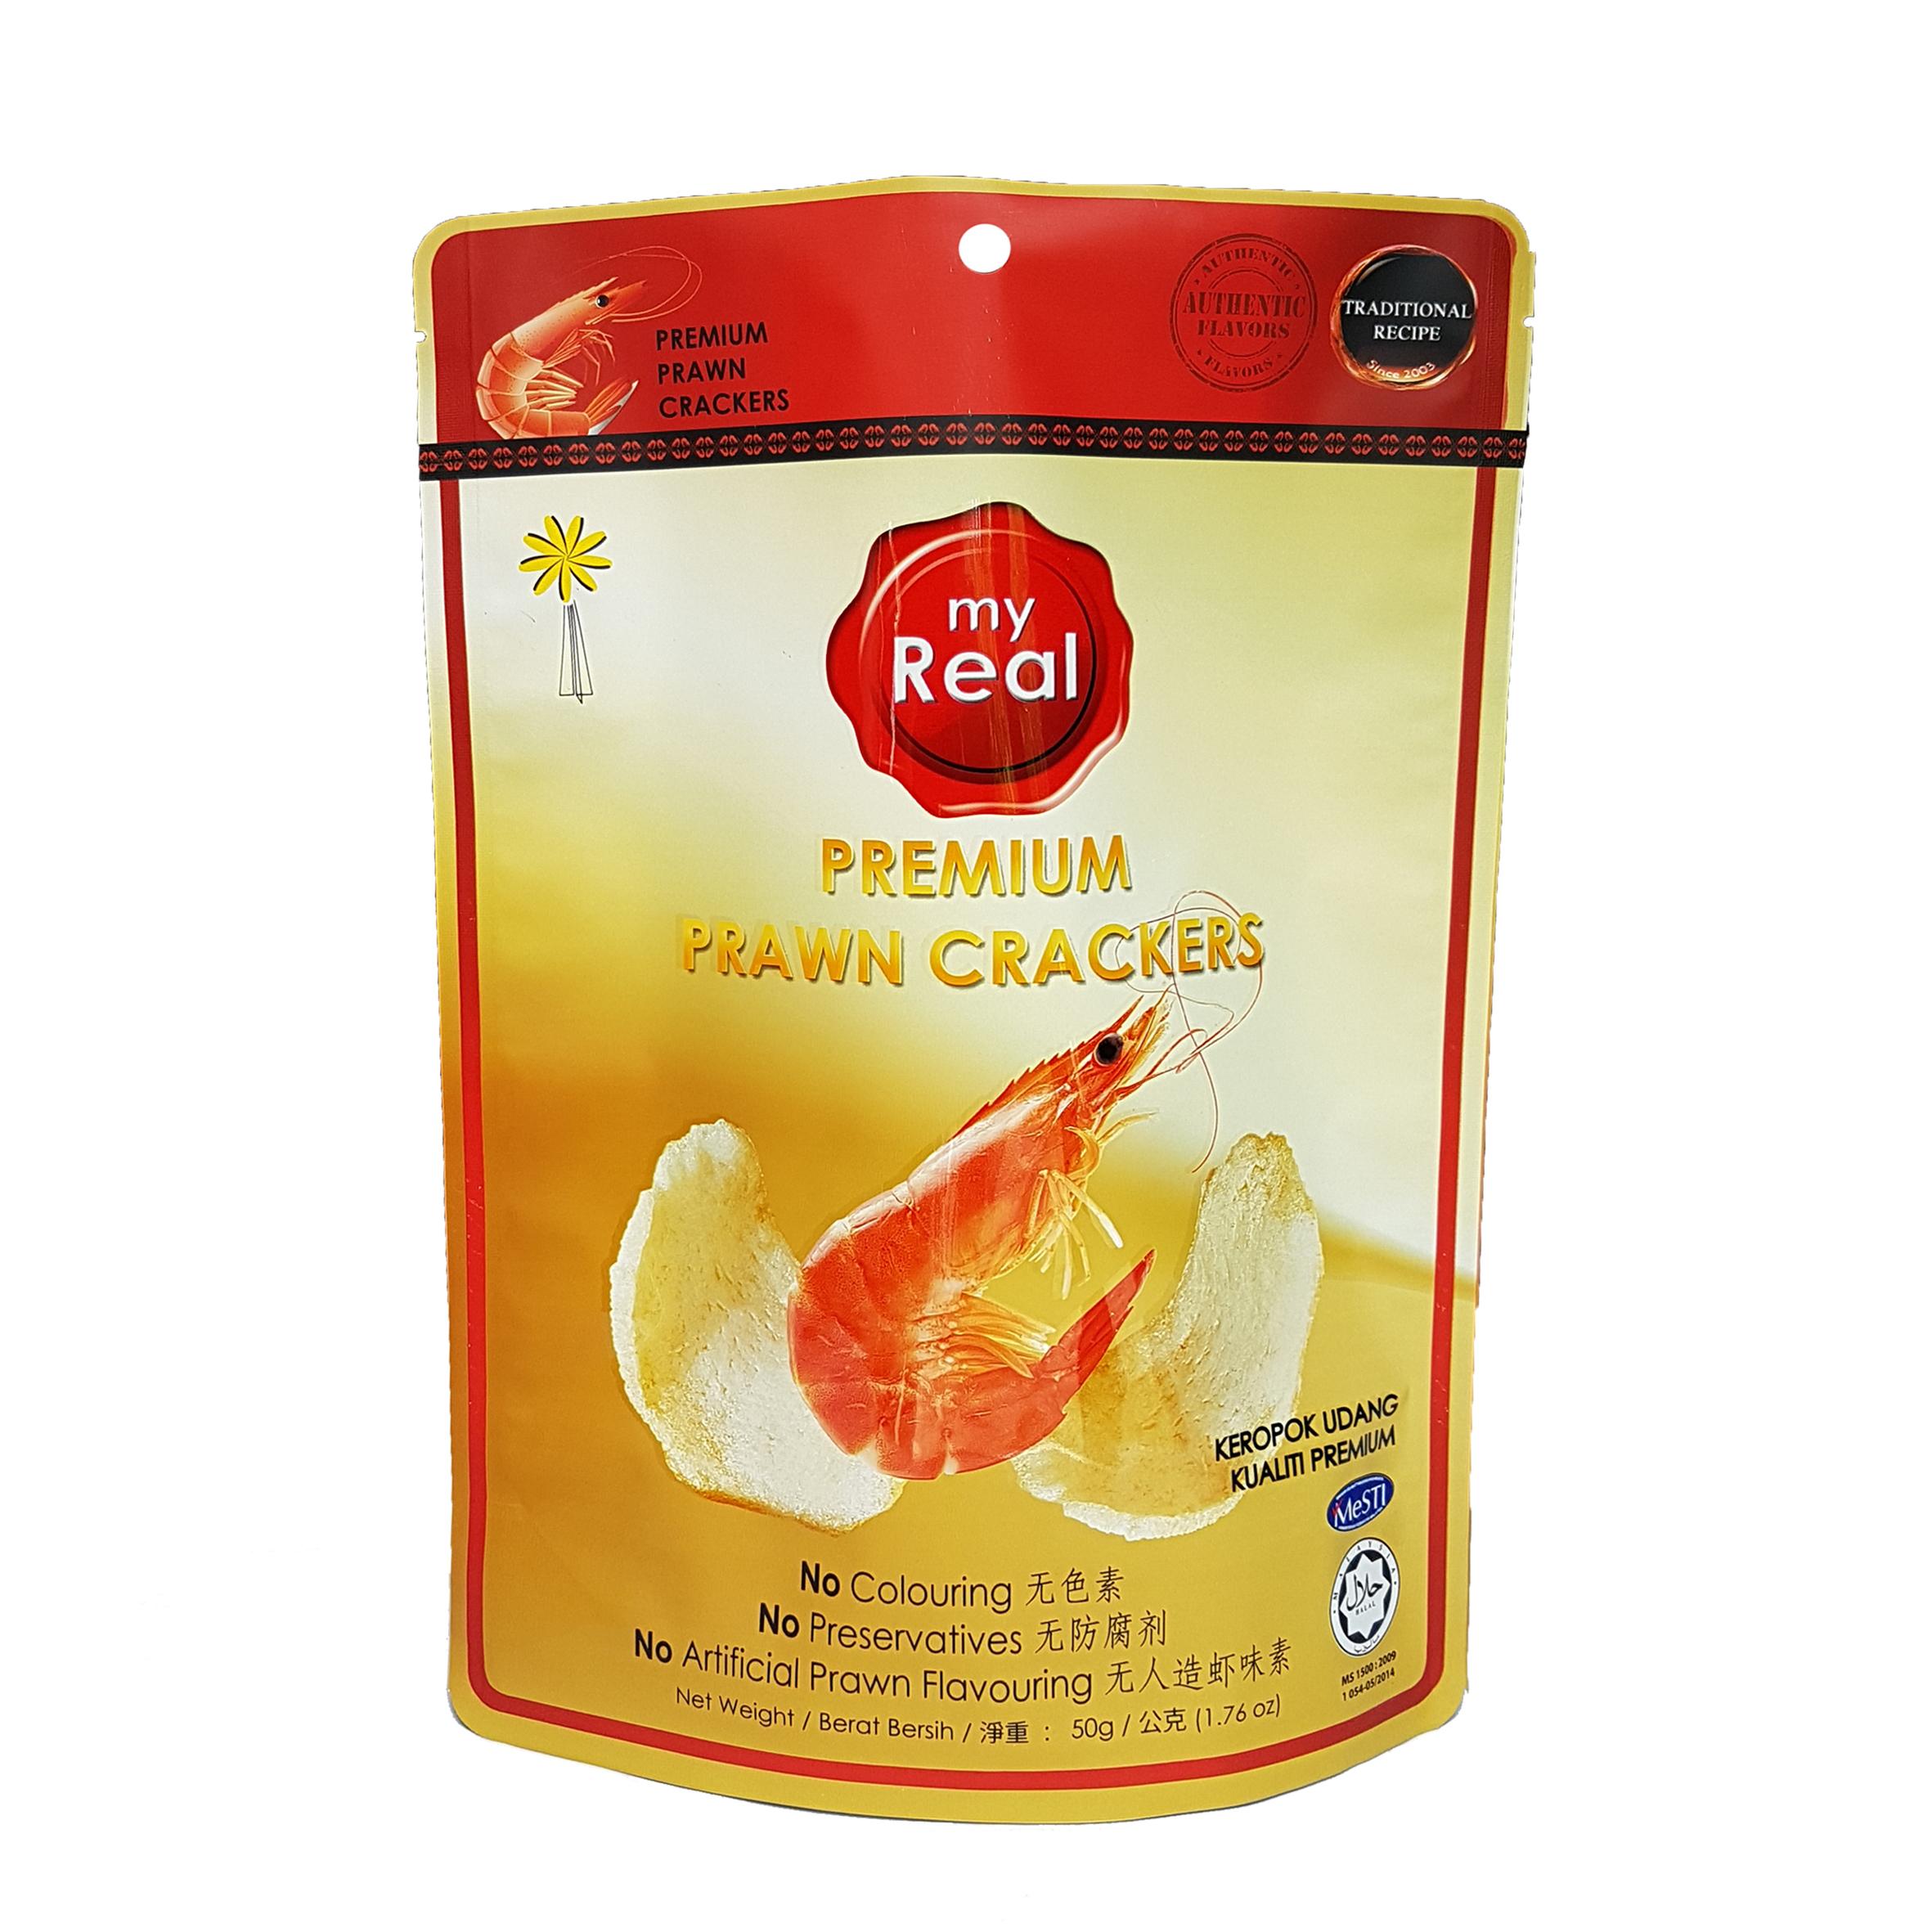 50g myReal Premium Prawn Crackers